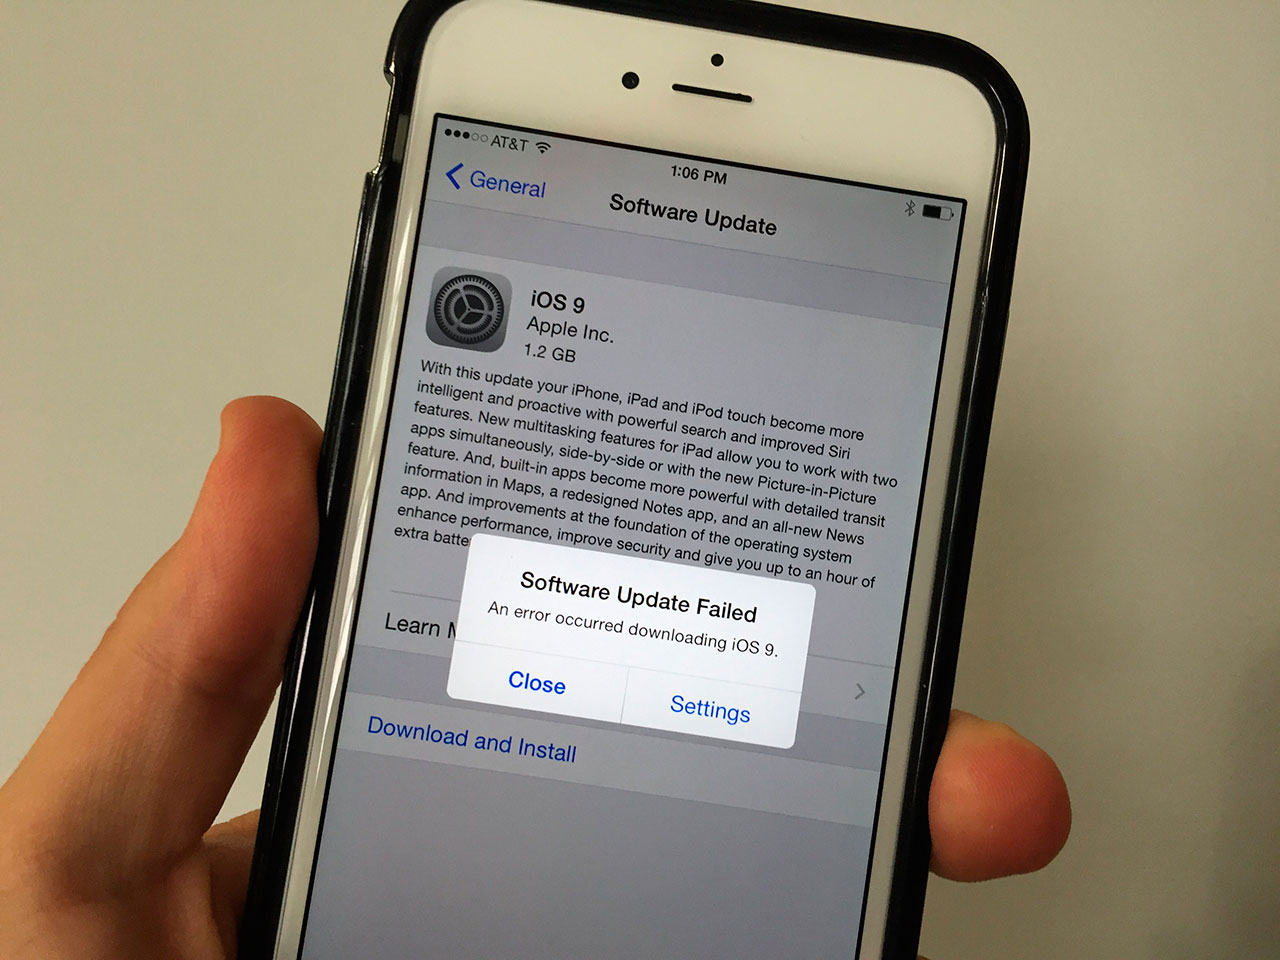 Самые распространенные проблемы с iPhone и iPad после обновления на iOS 9 и способы их решения